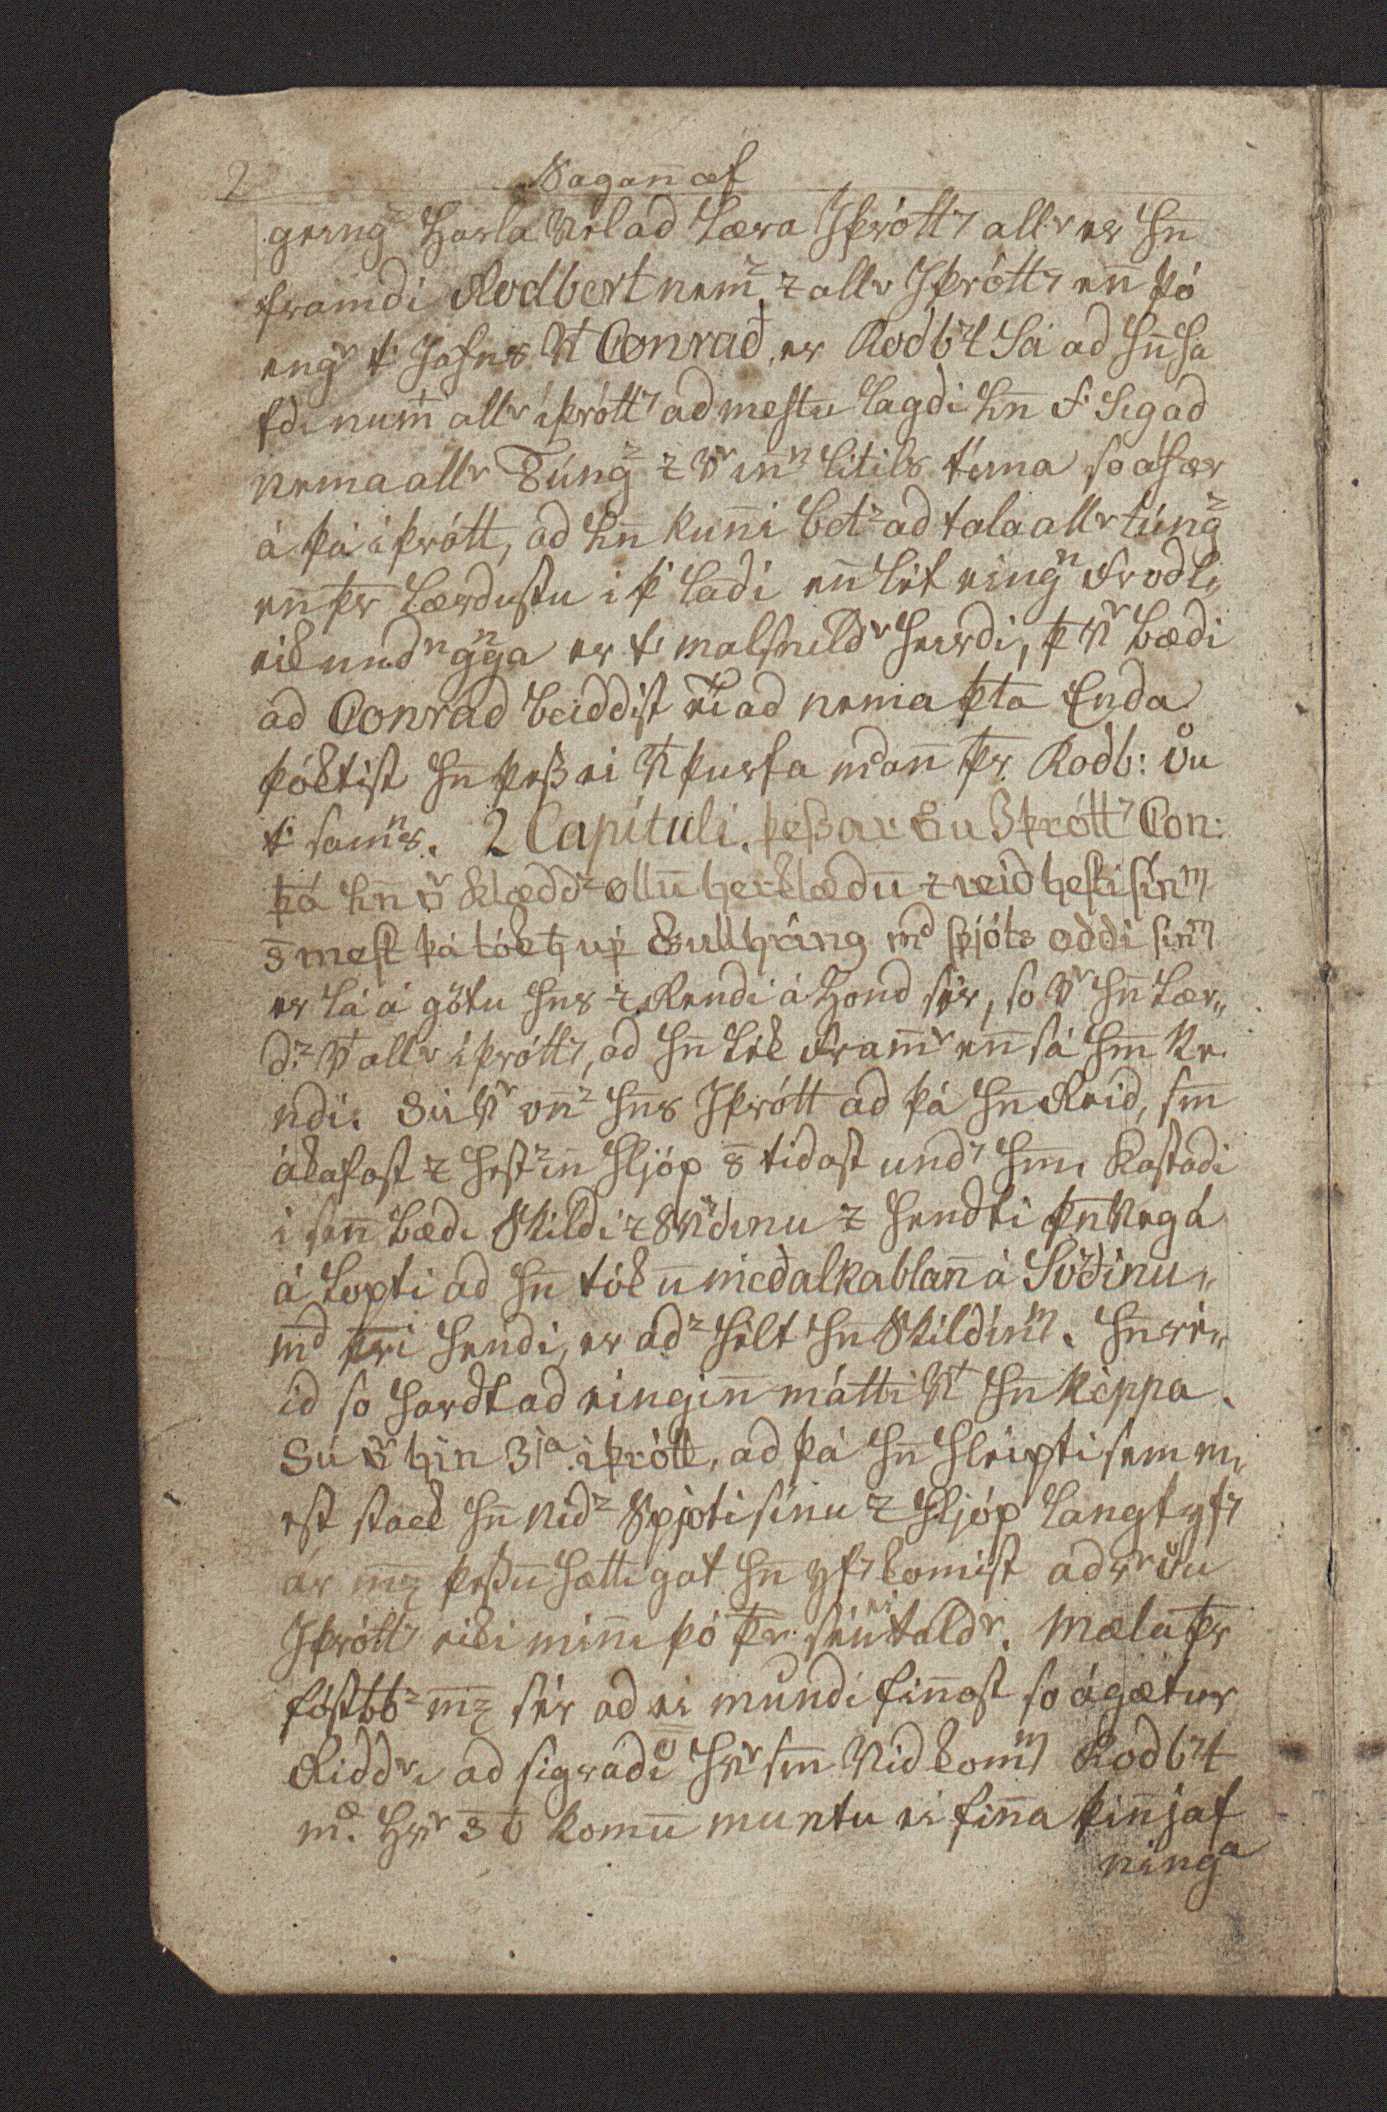 Lbs 1687 8° - 30v